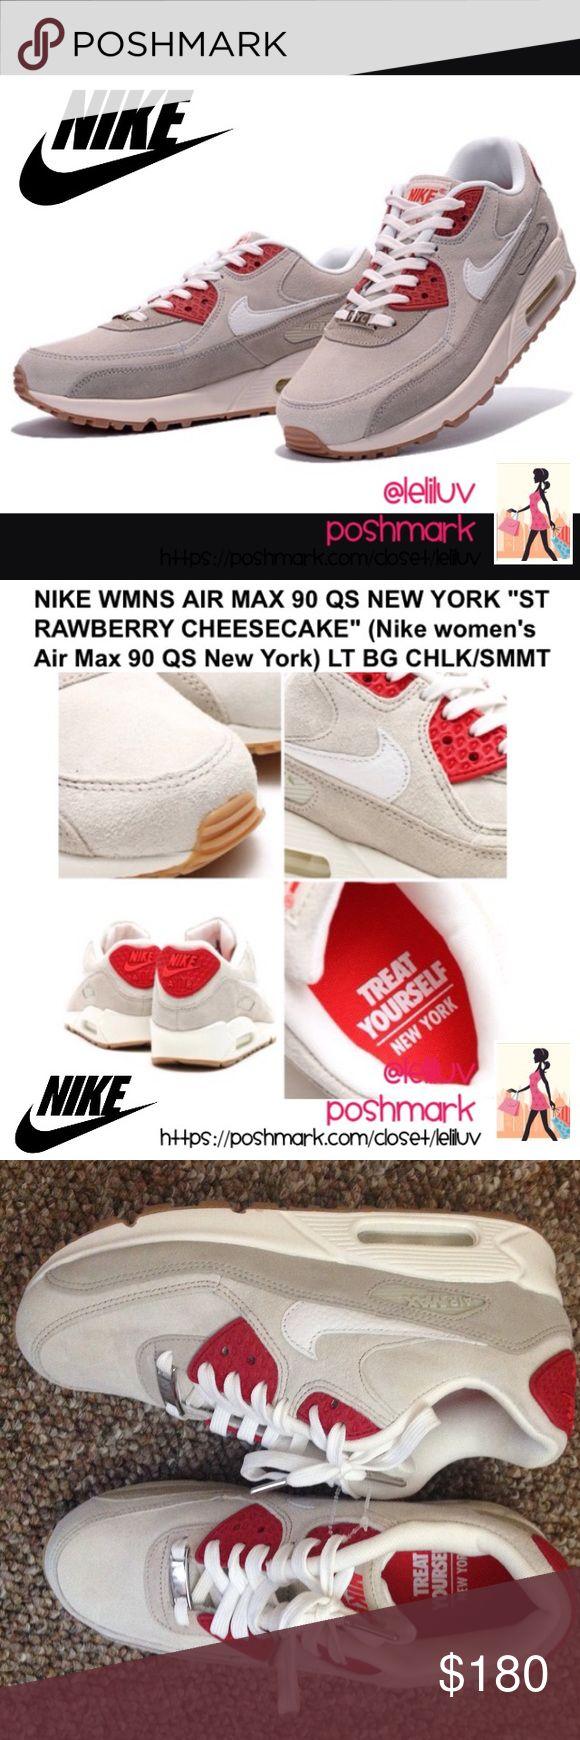 nike air max online shop bg